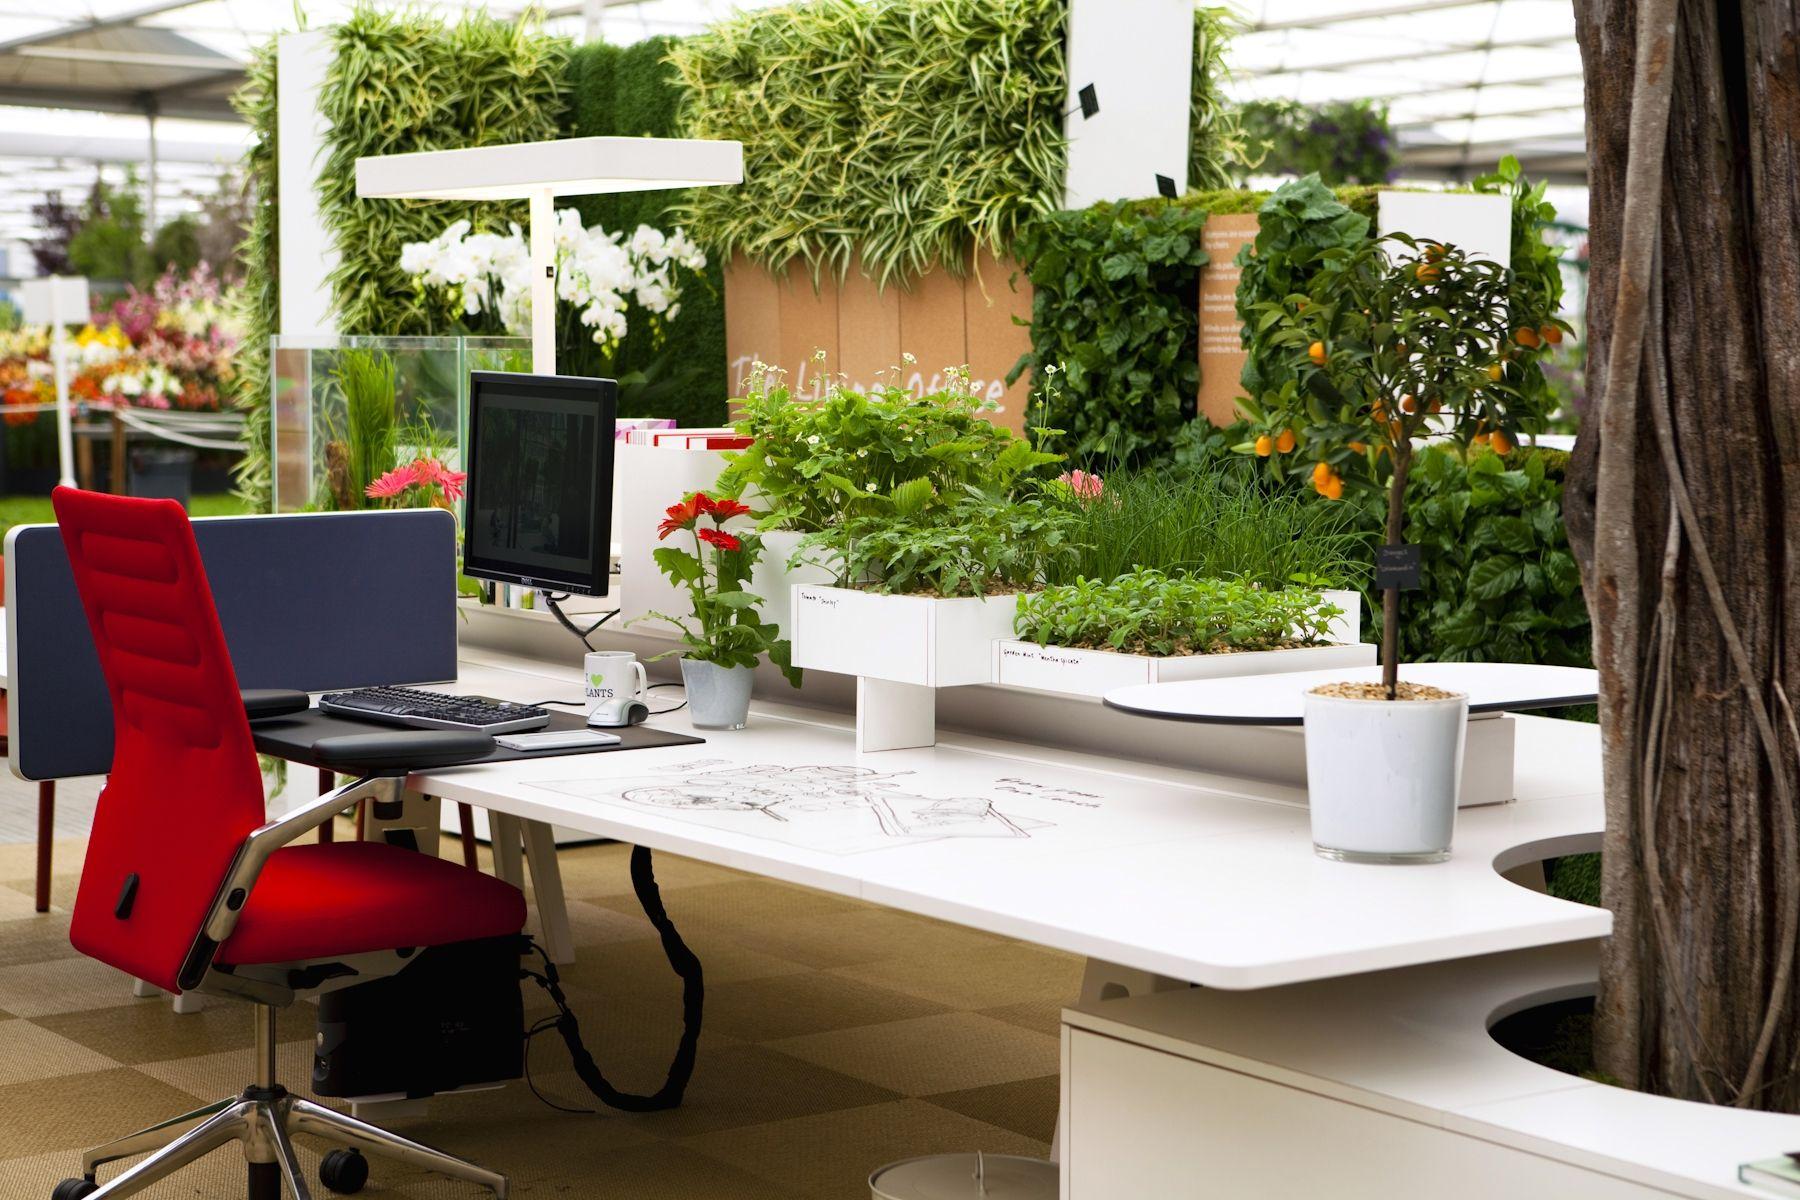 Ufficio Elegante Lungi : Come arredare lufficio con le piante bigodino